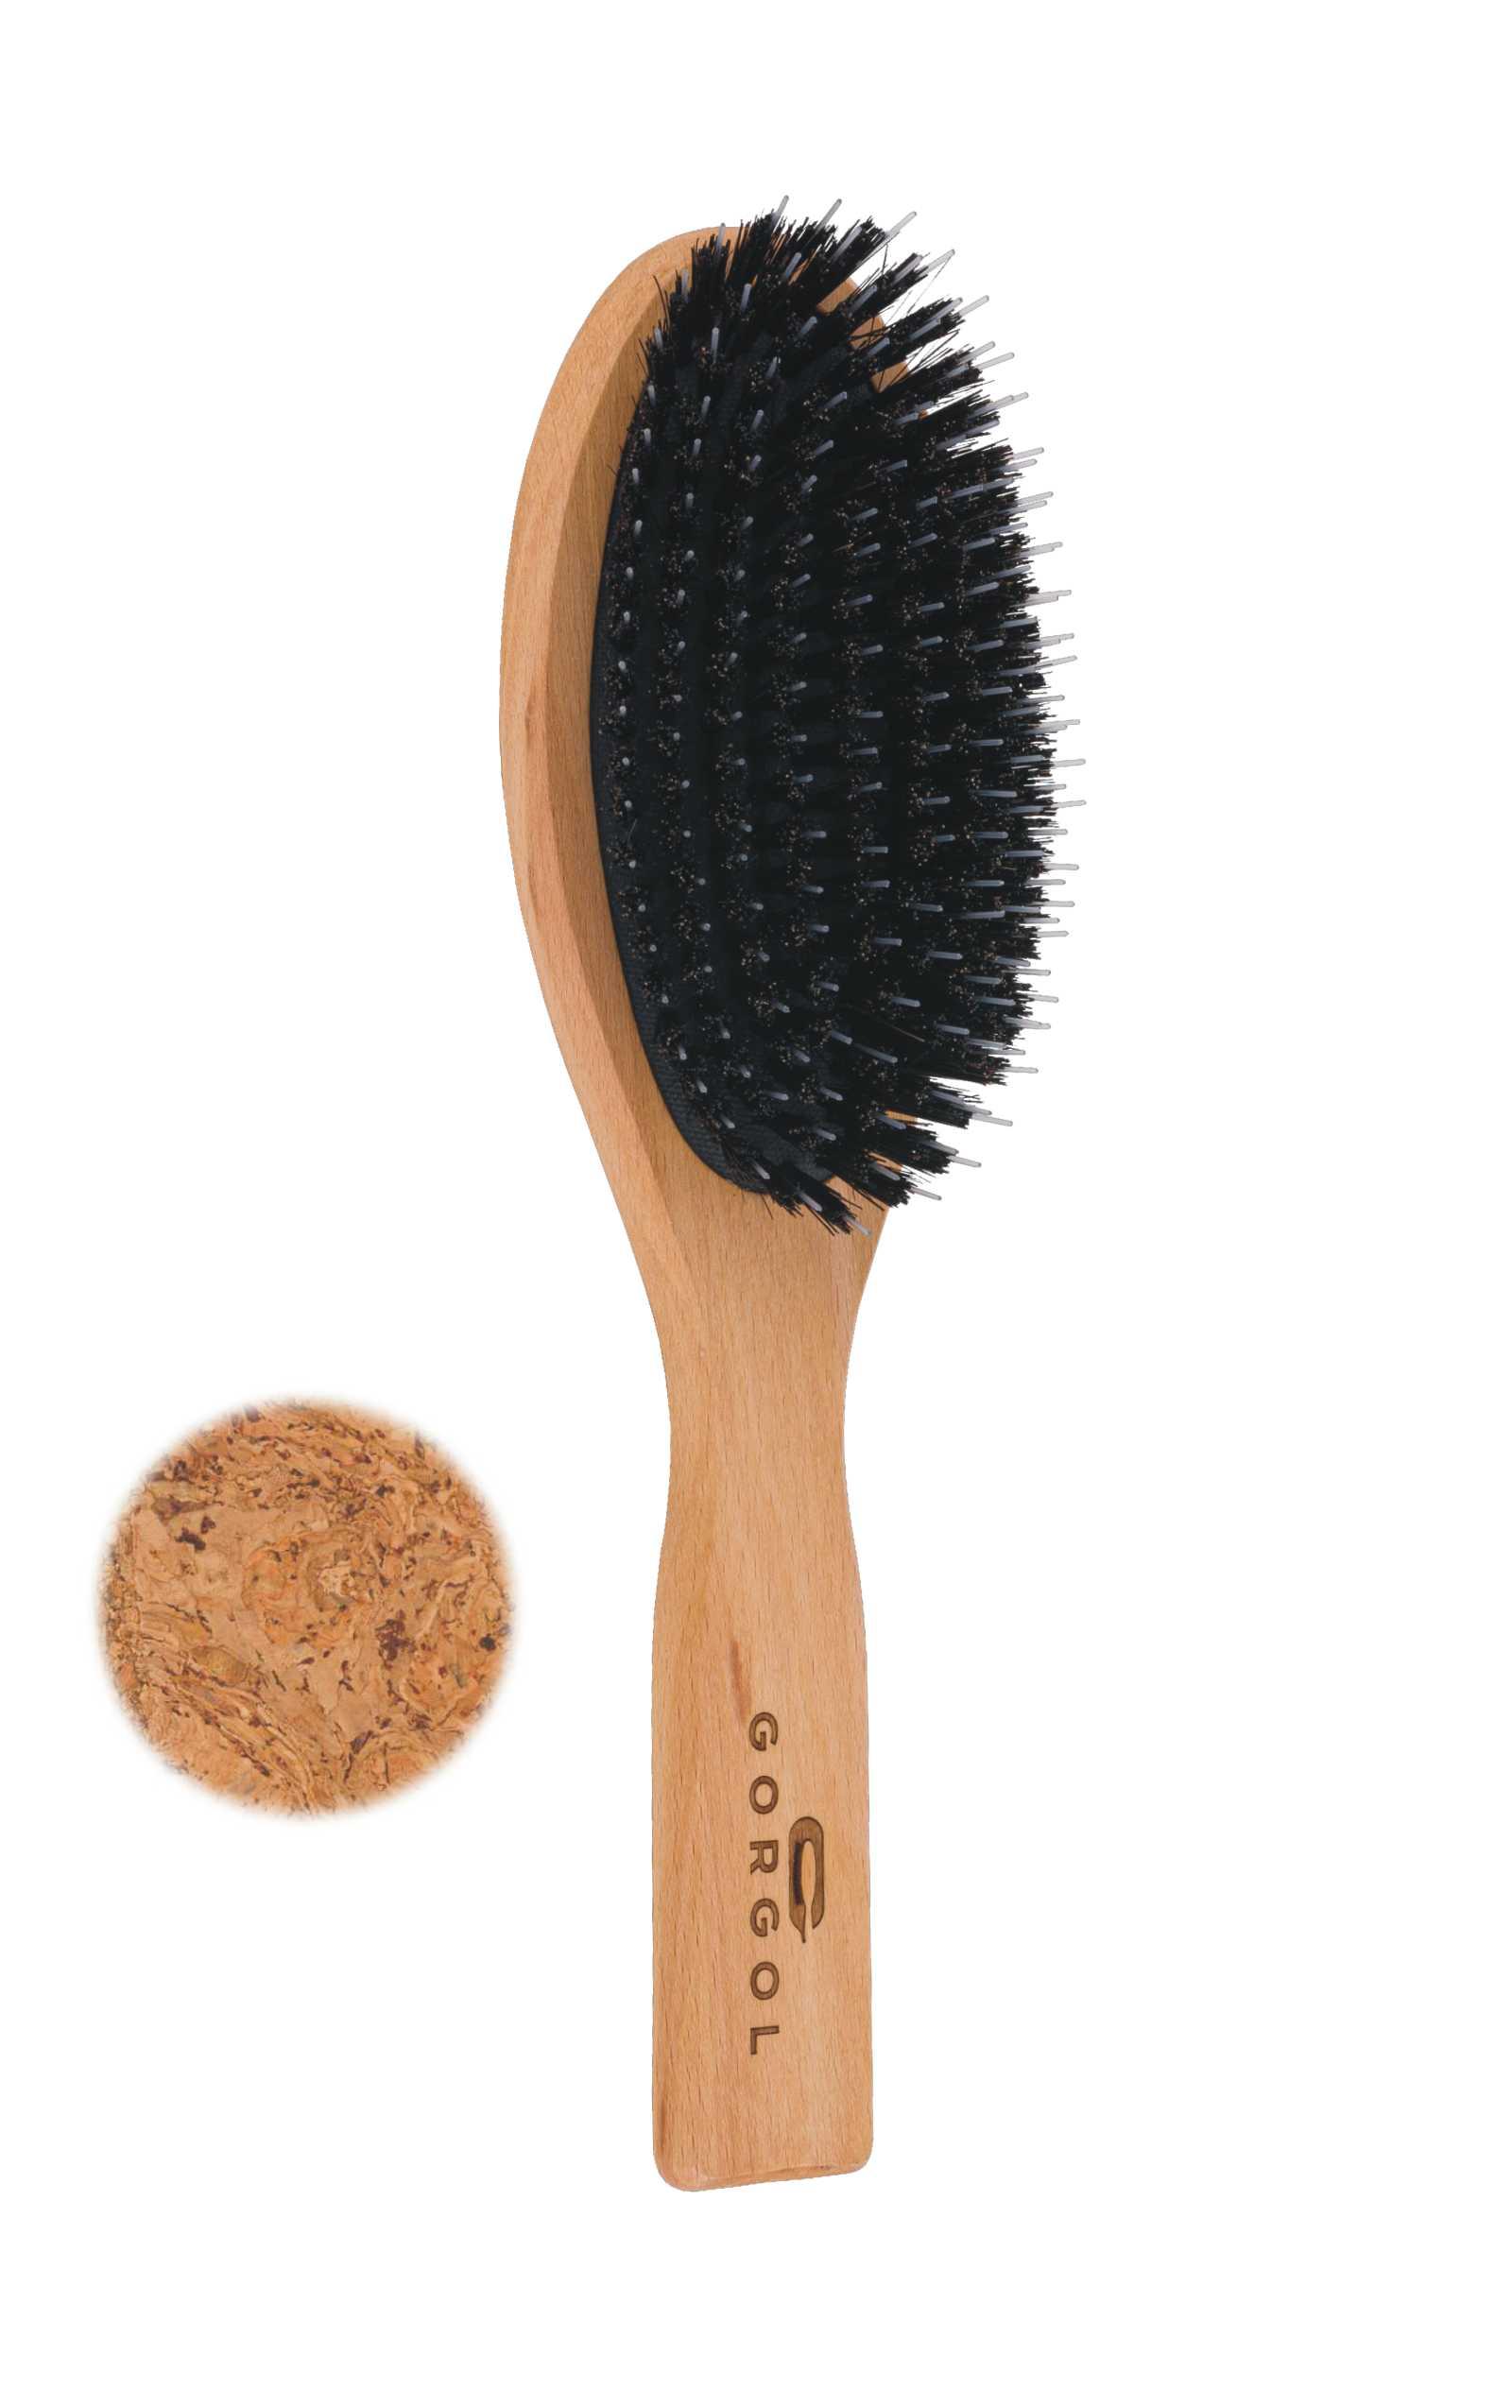 Szczotka z włosiem z dzika - korkowa - rozczesywacz